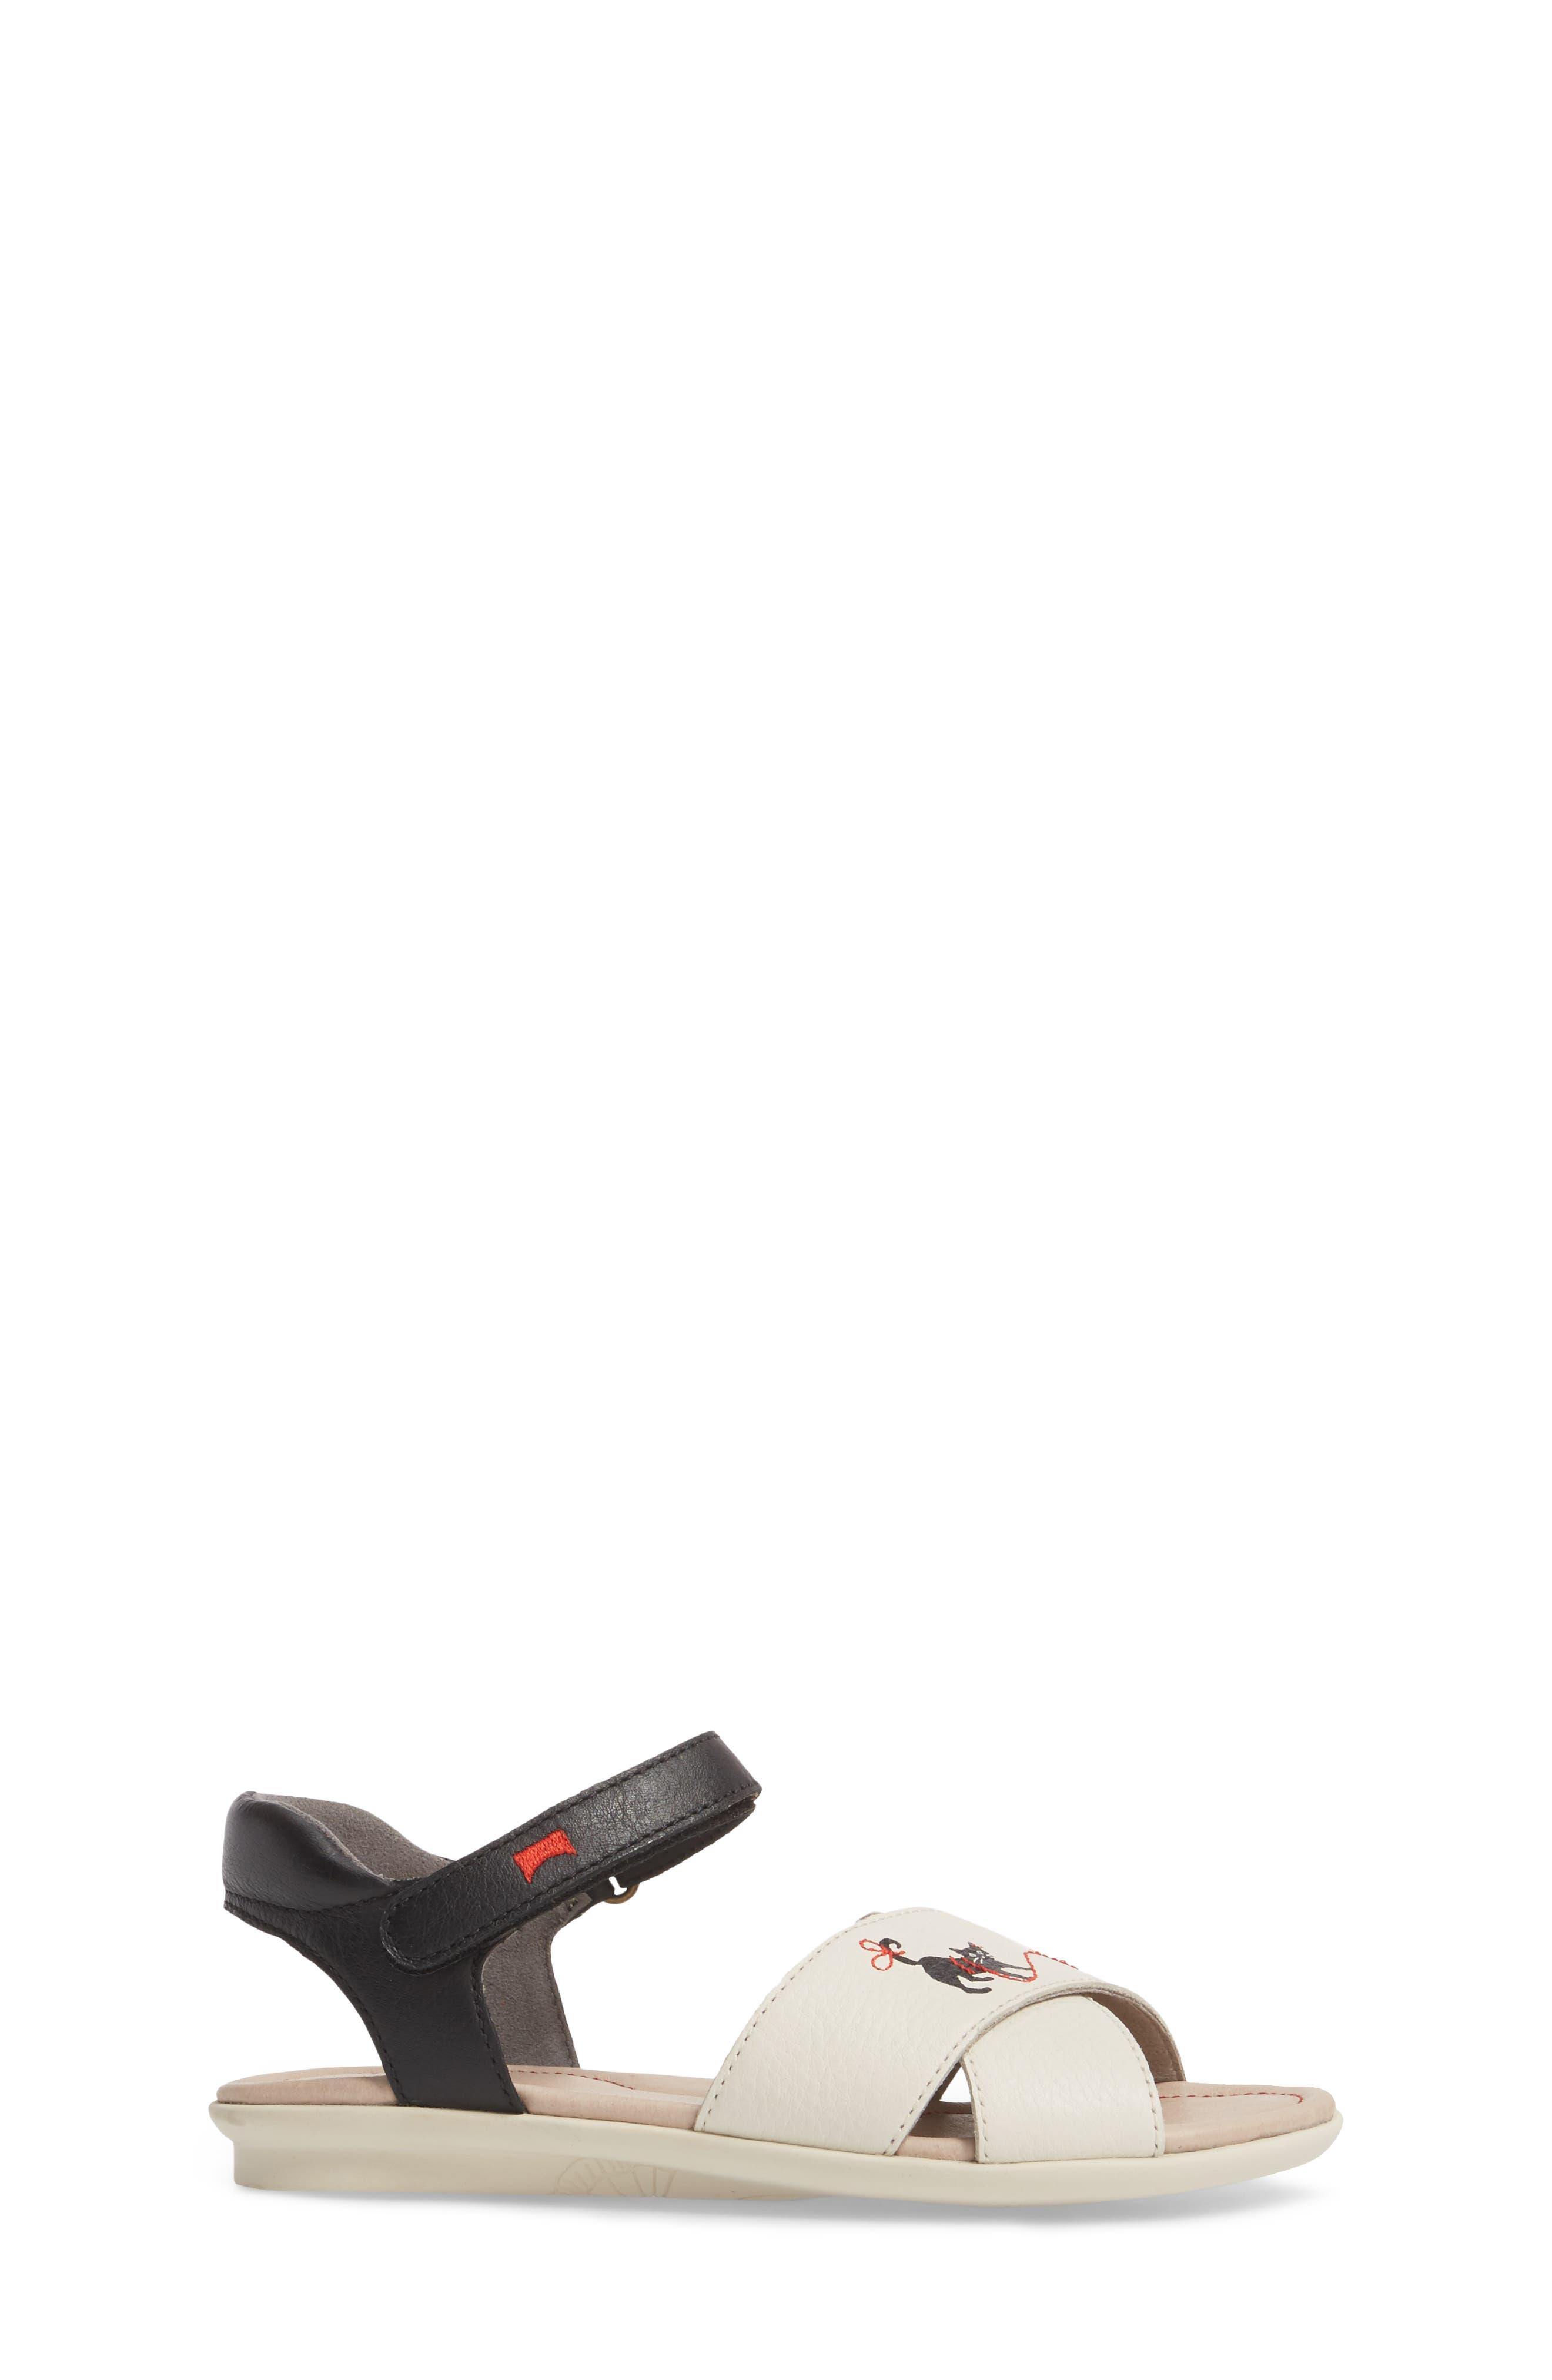 Twins Sandal,                             Alternate thumbnail 3, color,                             White Multi